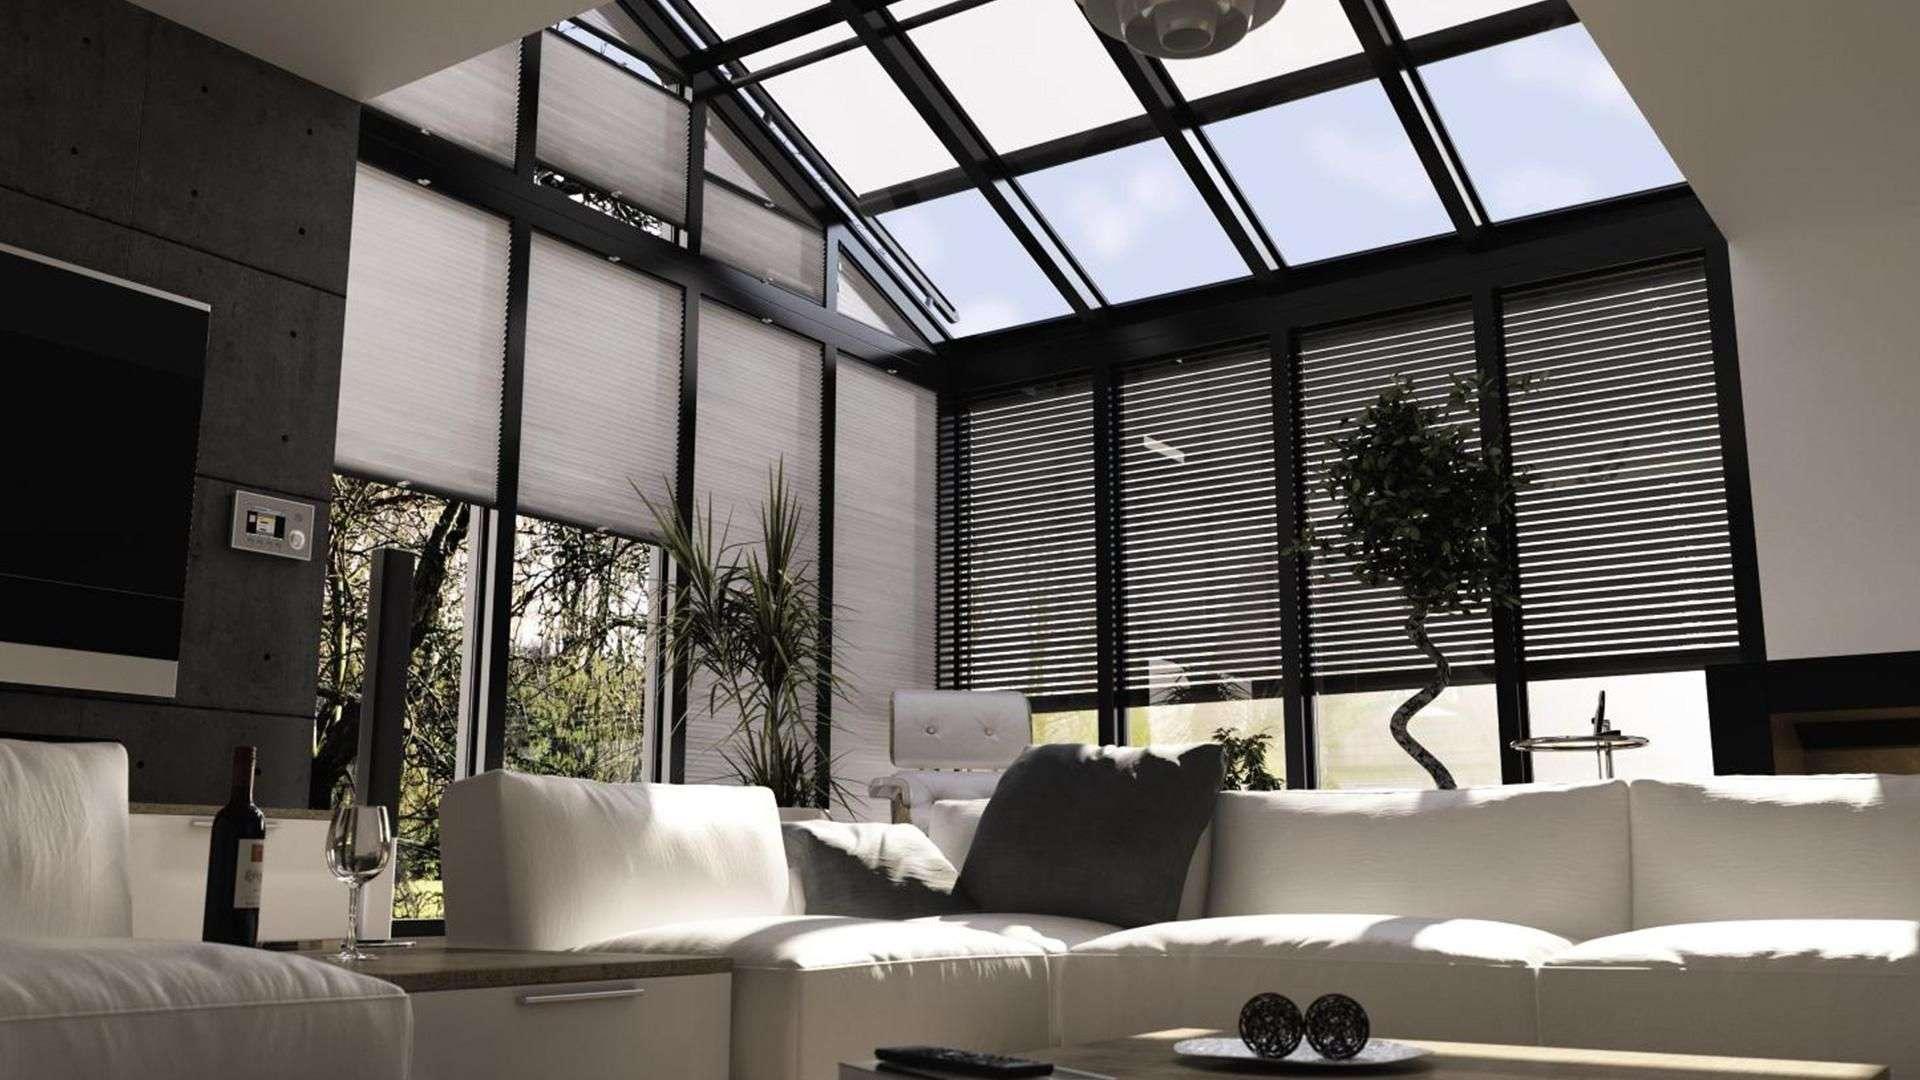 Wohnzimmer mit im Dach integrierten Wintergarten mit Textilscreens vor den Fenstern